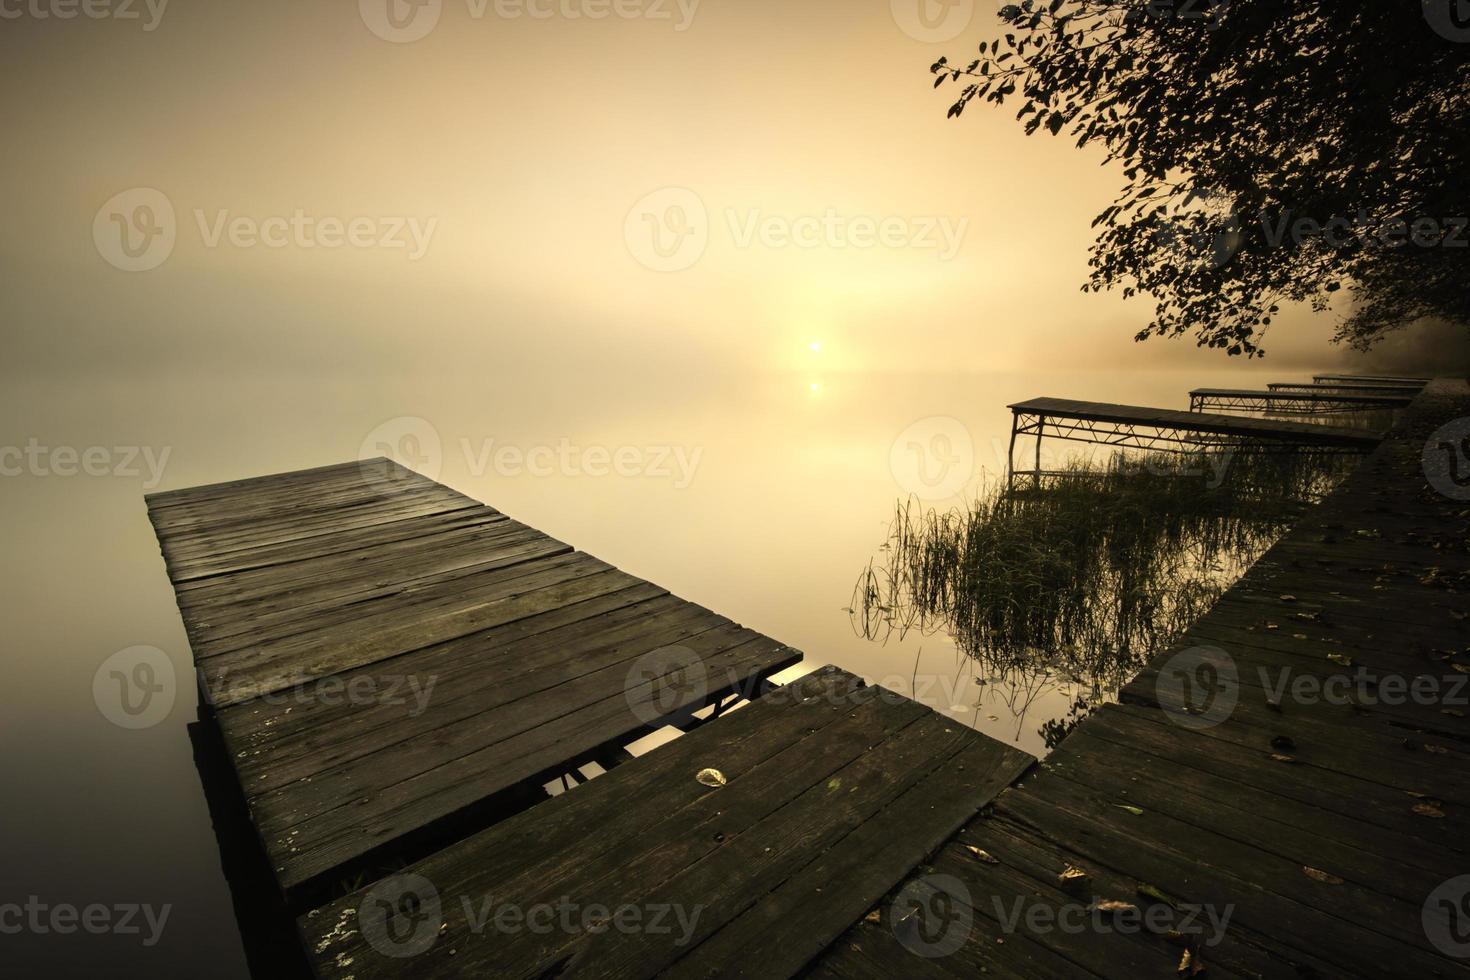 morgonsjön. foto